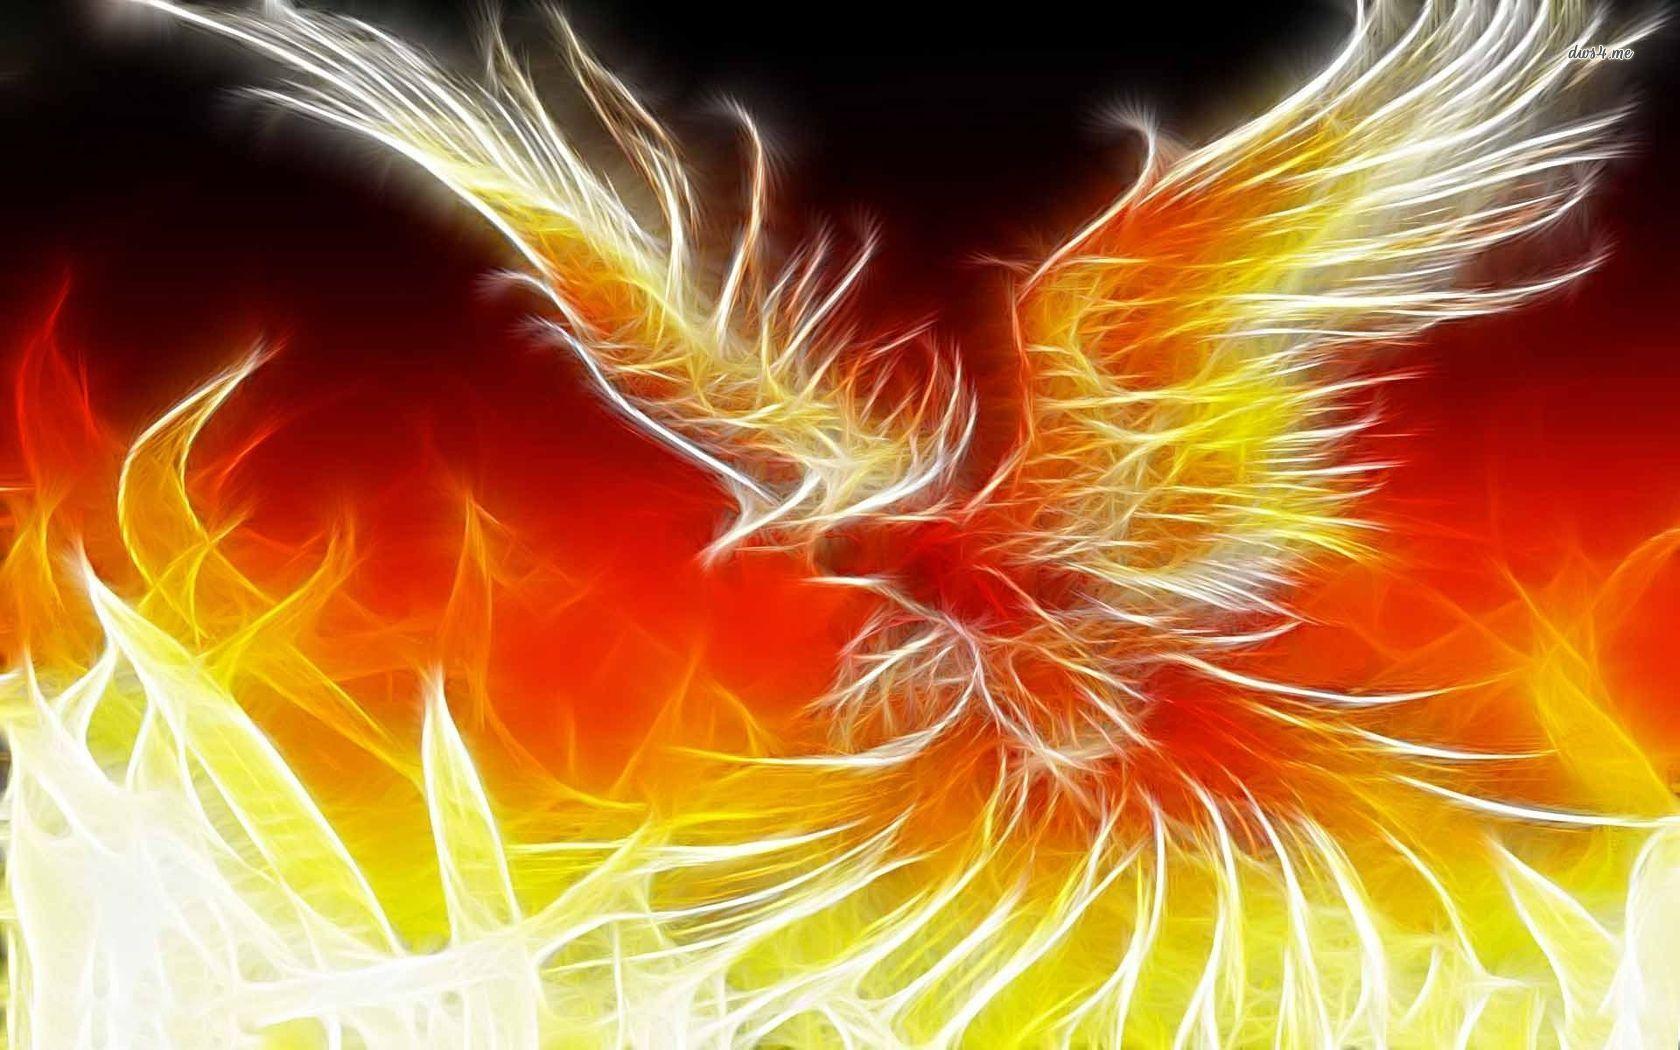 Phoenix Hd Wallpaper Phoenix Wallpaper Pictures Of Phoenix Phoenix Painting